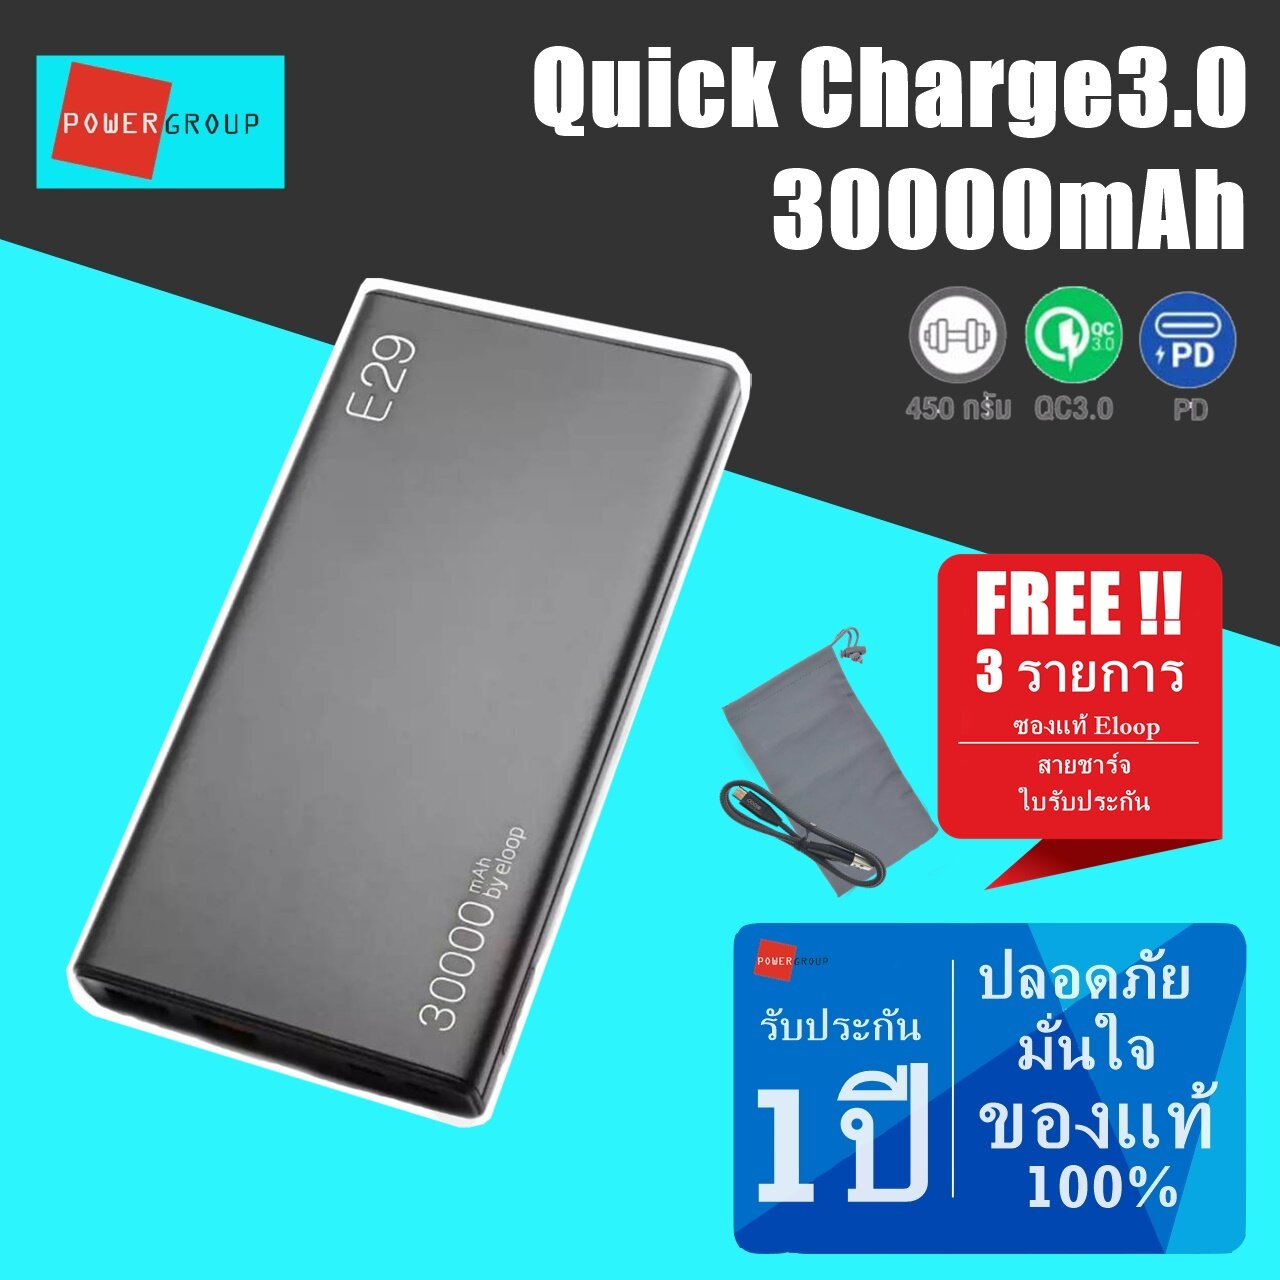 ส่งเร็ว 24 ช.ม Power Bank 30000mah Eloop E29 ฟรีซองผ้า ฟรี สายชาร์จ Type C Power Bank พาวเวอร์แบงค์ Eloop E29 30000m พาวเวอร์แบงค์ ชาร์จด่วน ชาร์จเร็ว แถม ซอง สายชาร์จ Qc3.0 + Qc2.0 + Pd Power Group.